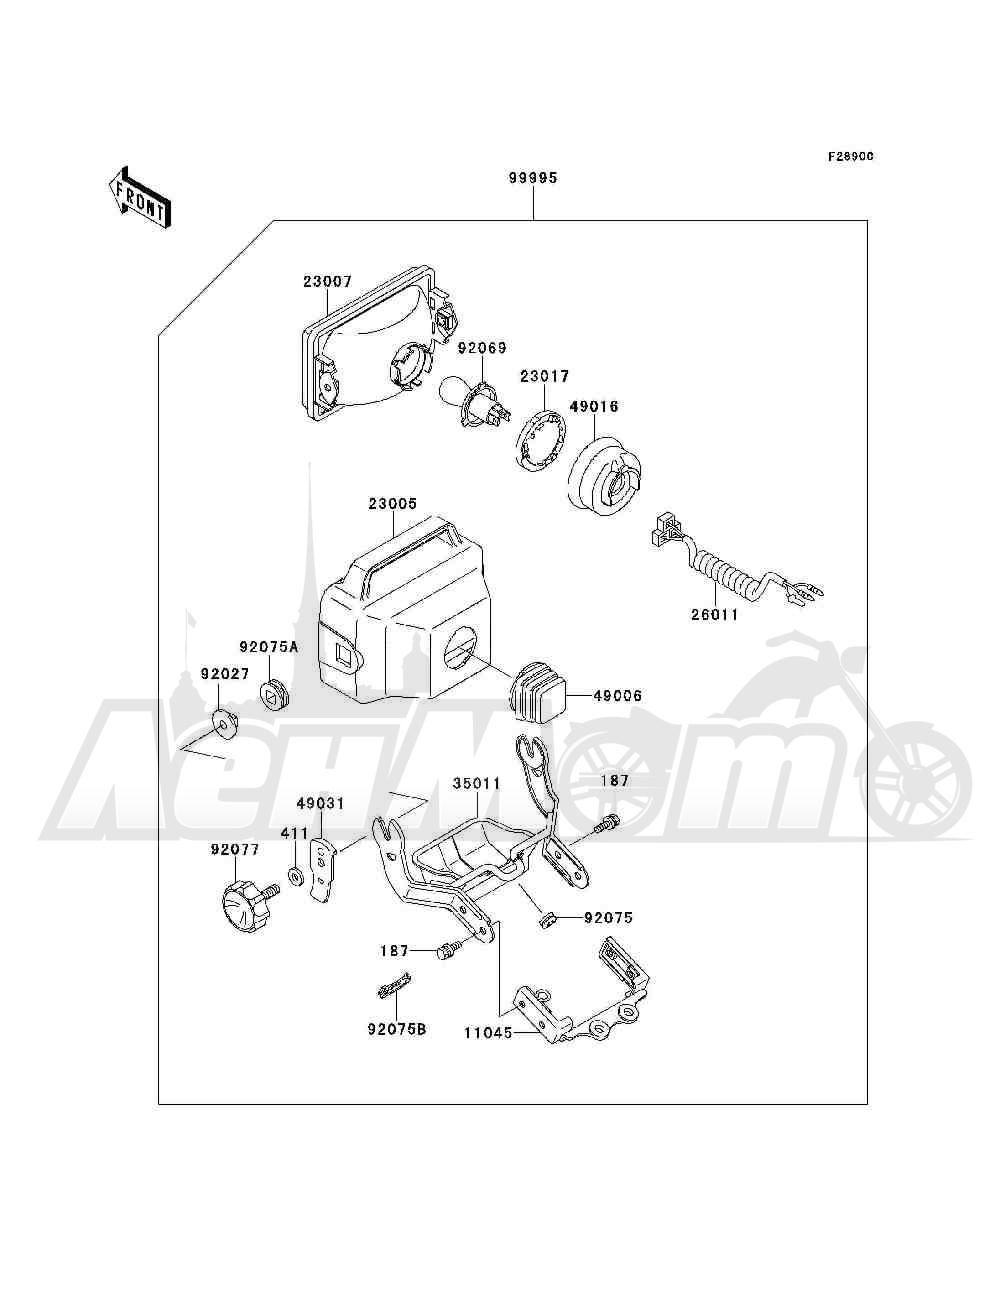 Запчасти для Квадроцикла Kawasaki 1993 BAYOU 300 4X4 (KLF300-C5) Раздел: OPTIONAL PARTS(HEADLIGHT)   опционально детали (передняя фара)